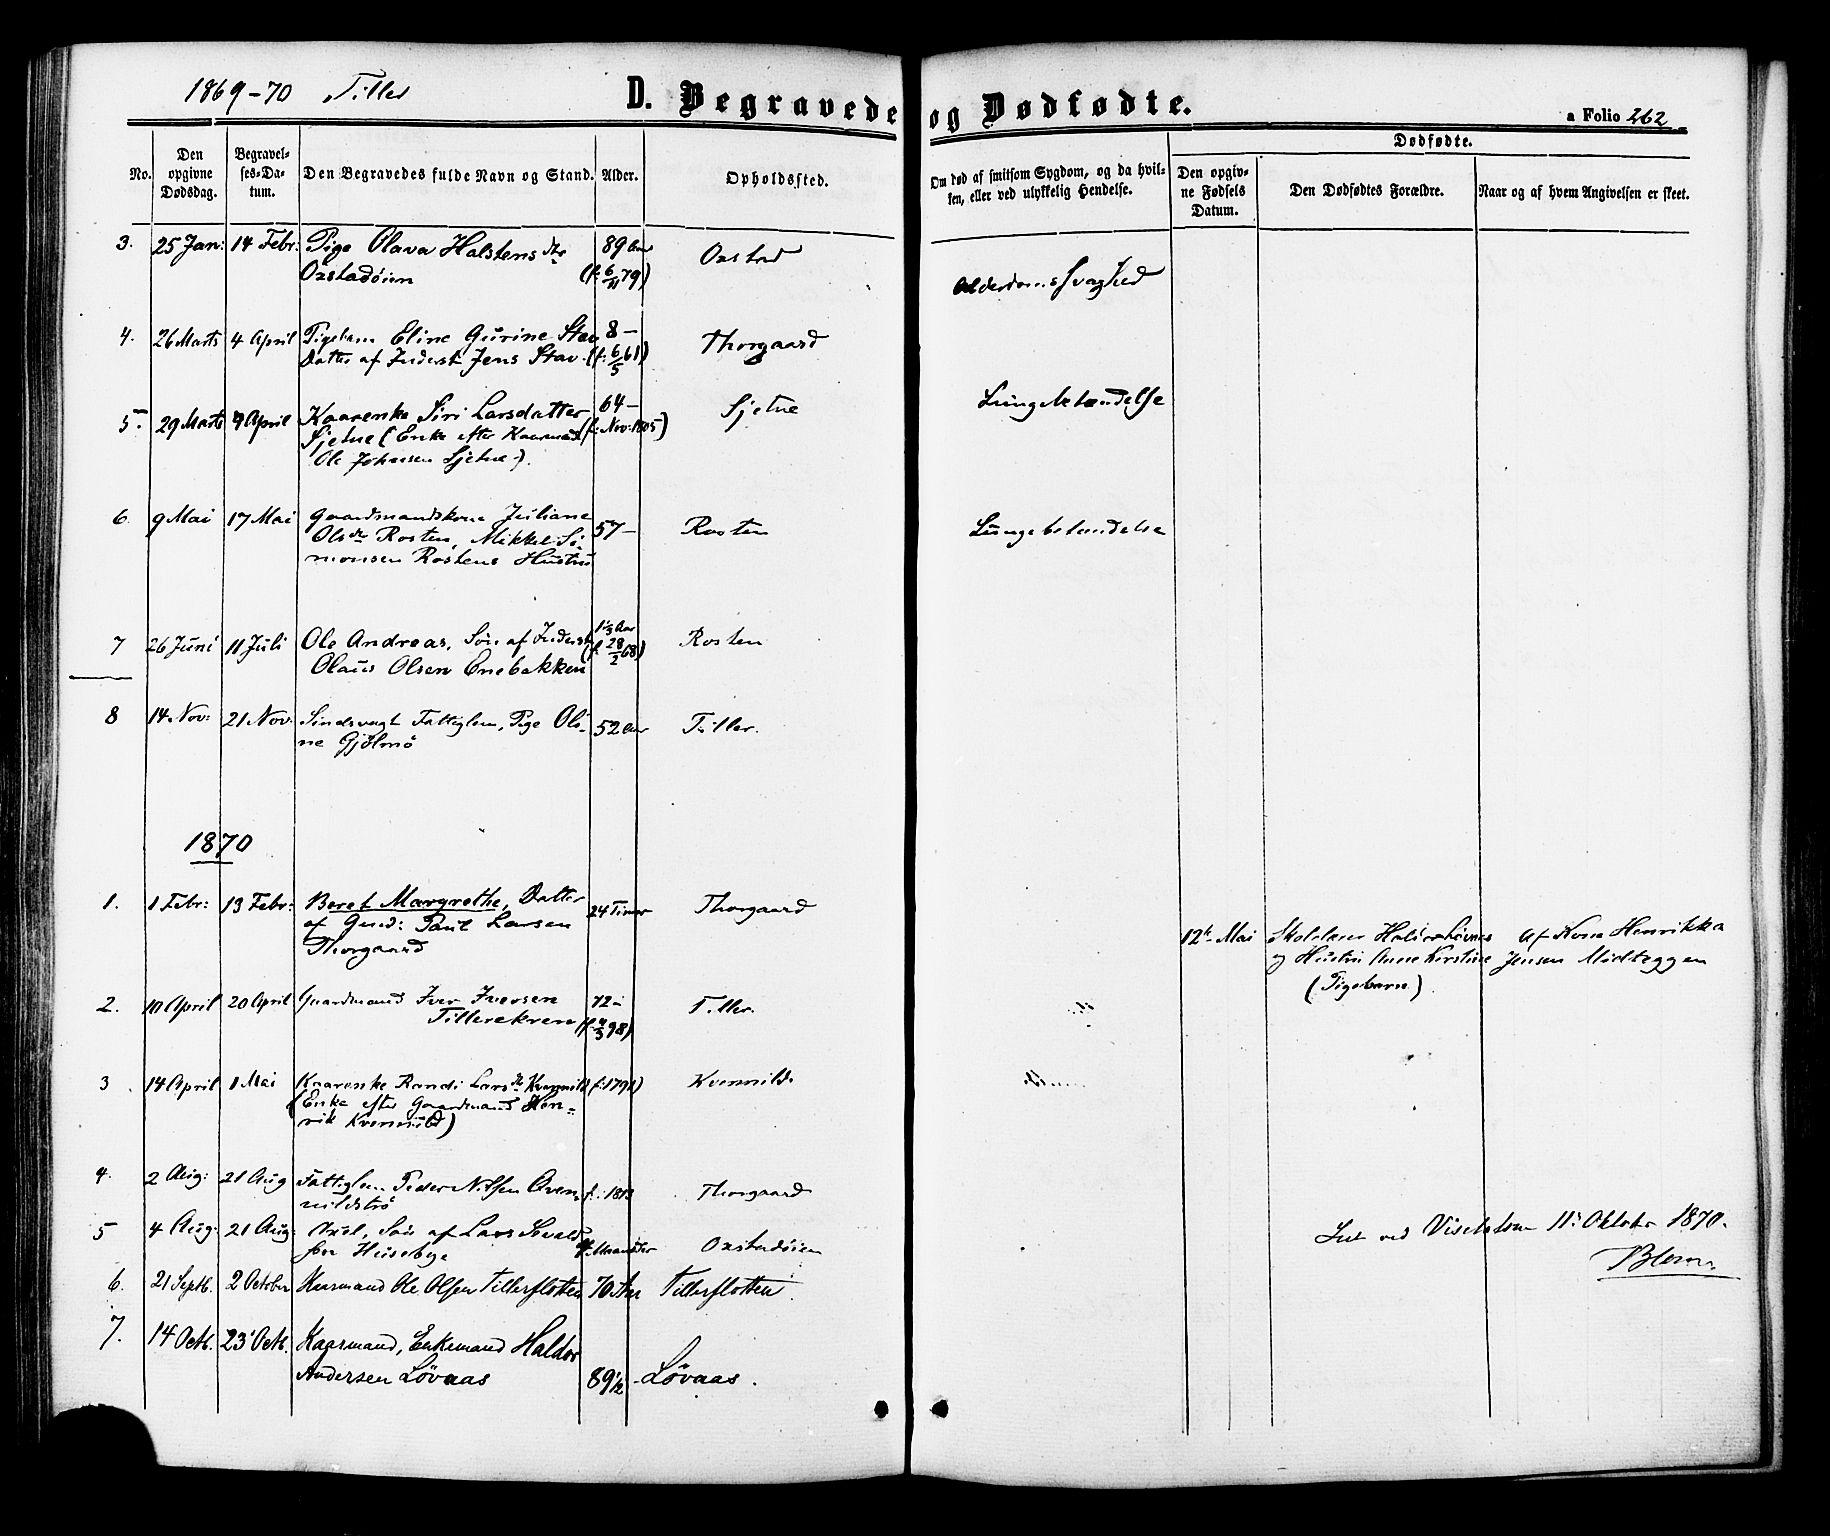 SAT, Ministerialprotokoller, klokkerbøker og fødselsregistre - Sør-Trøndelag, 618/L0443: Ministerialbok nr. 618A06 /2, 1863-1879, s. 262